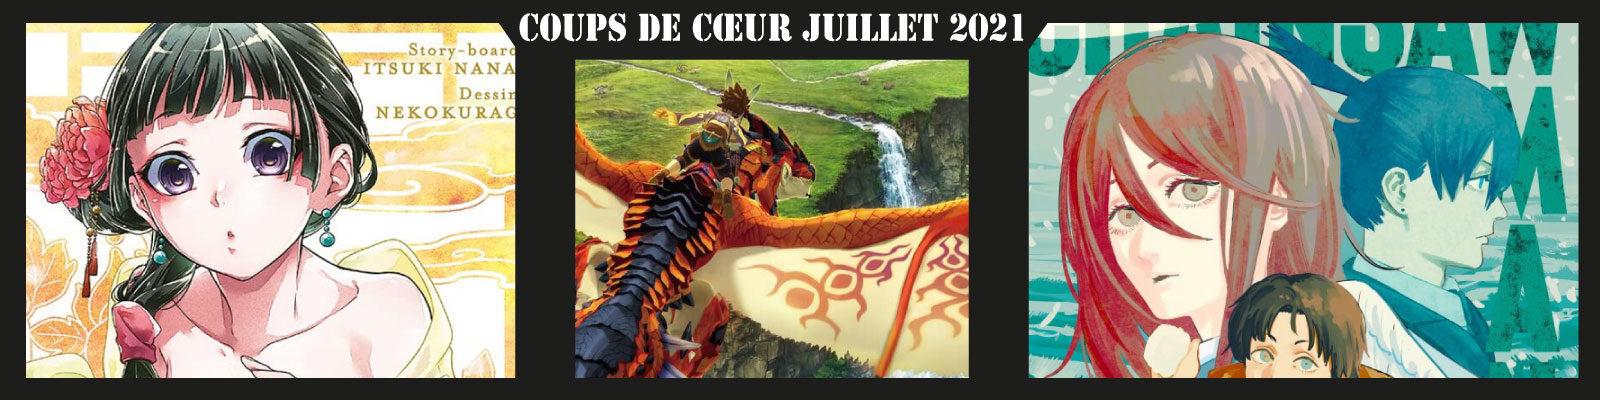 Coups-de-cœur-JUILLET 2021